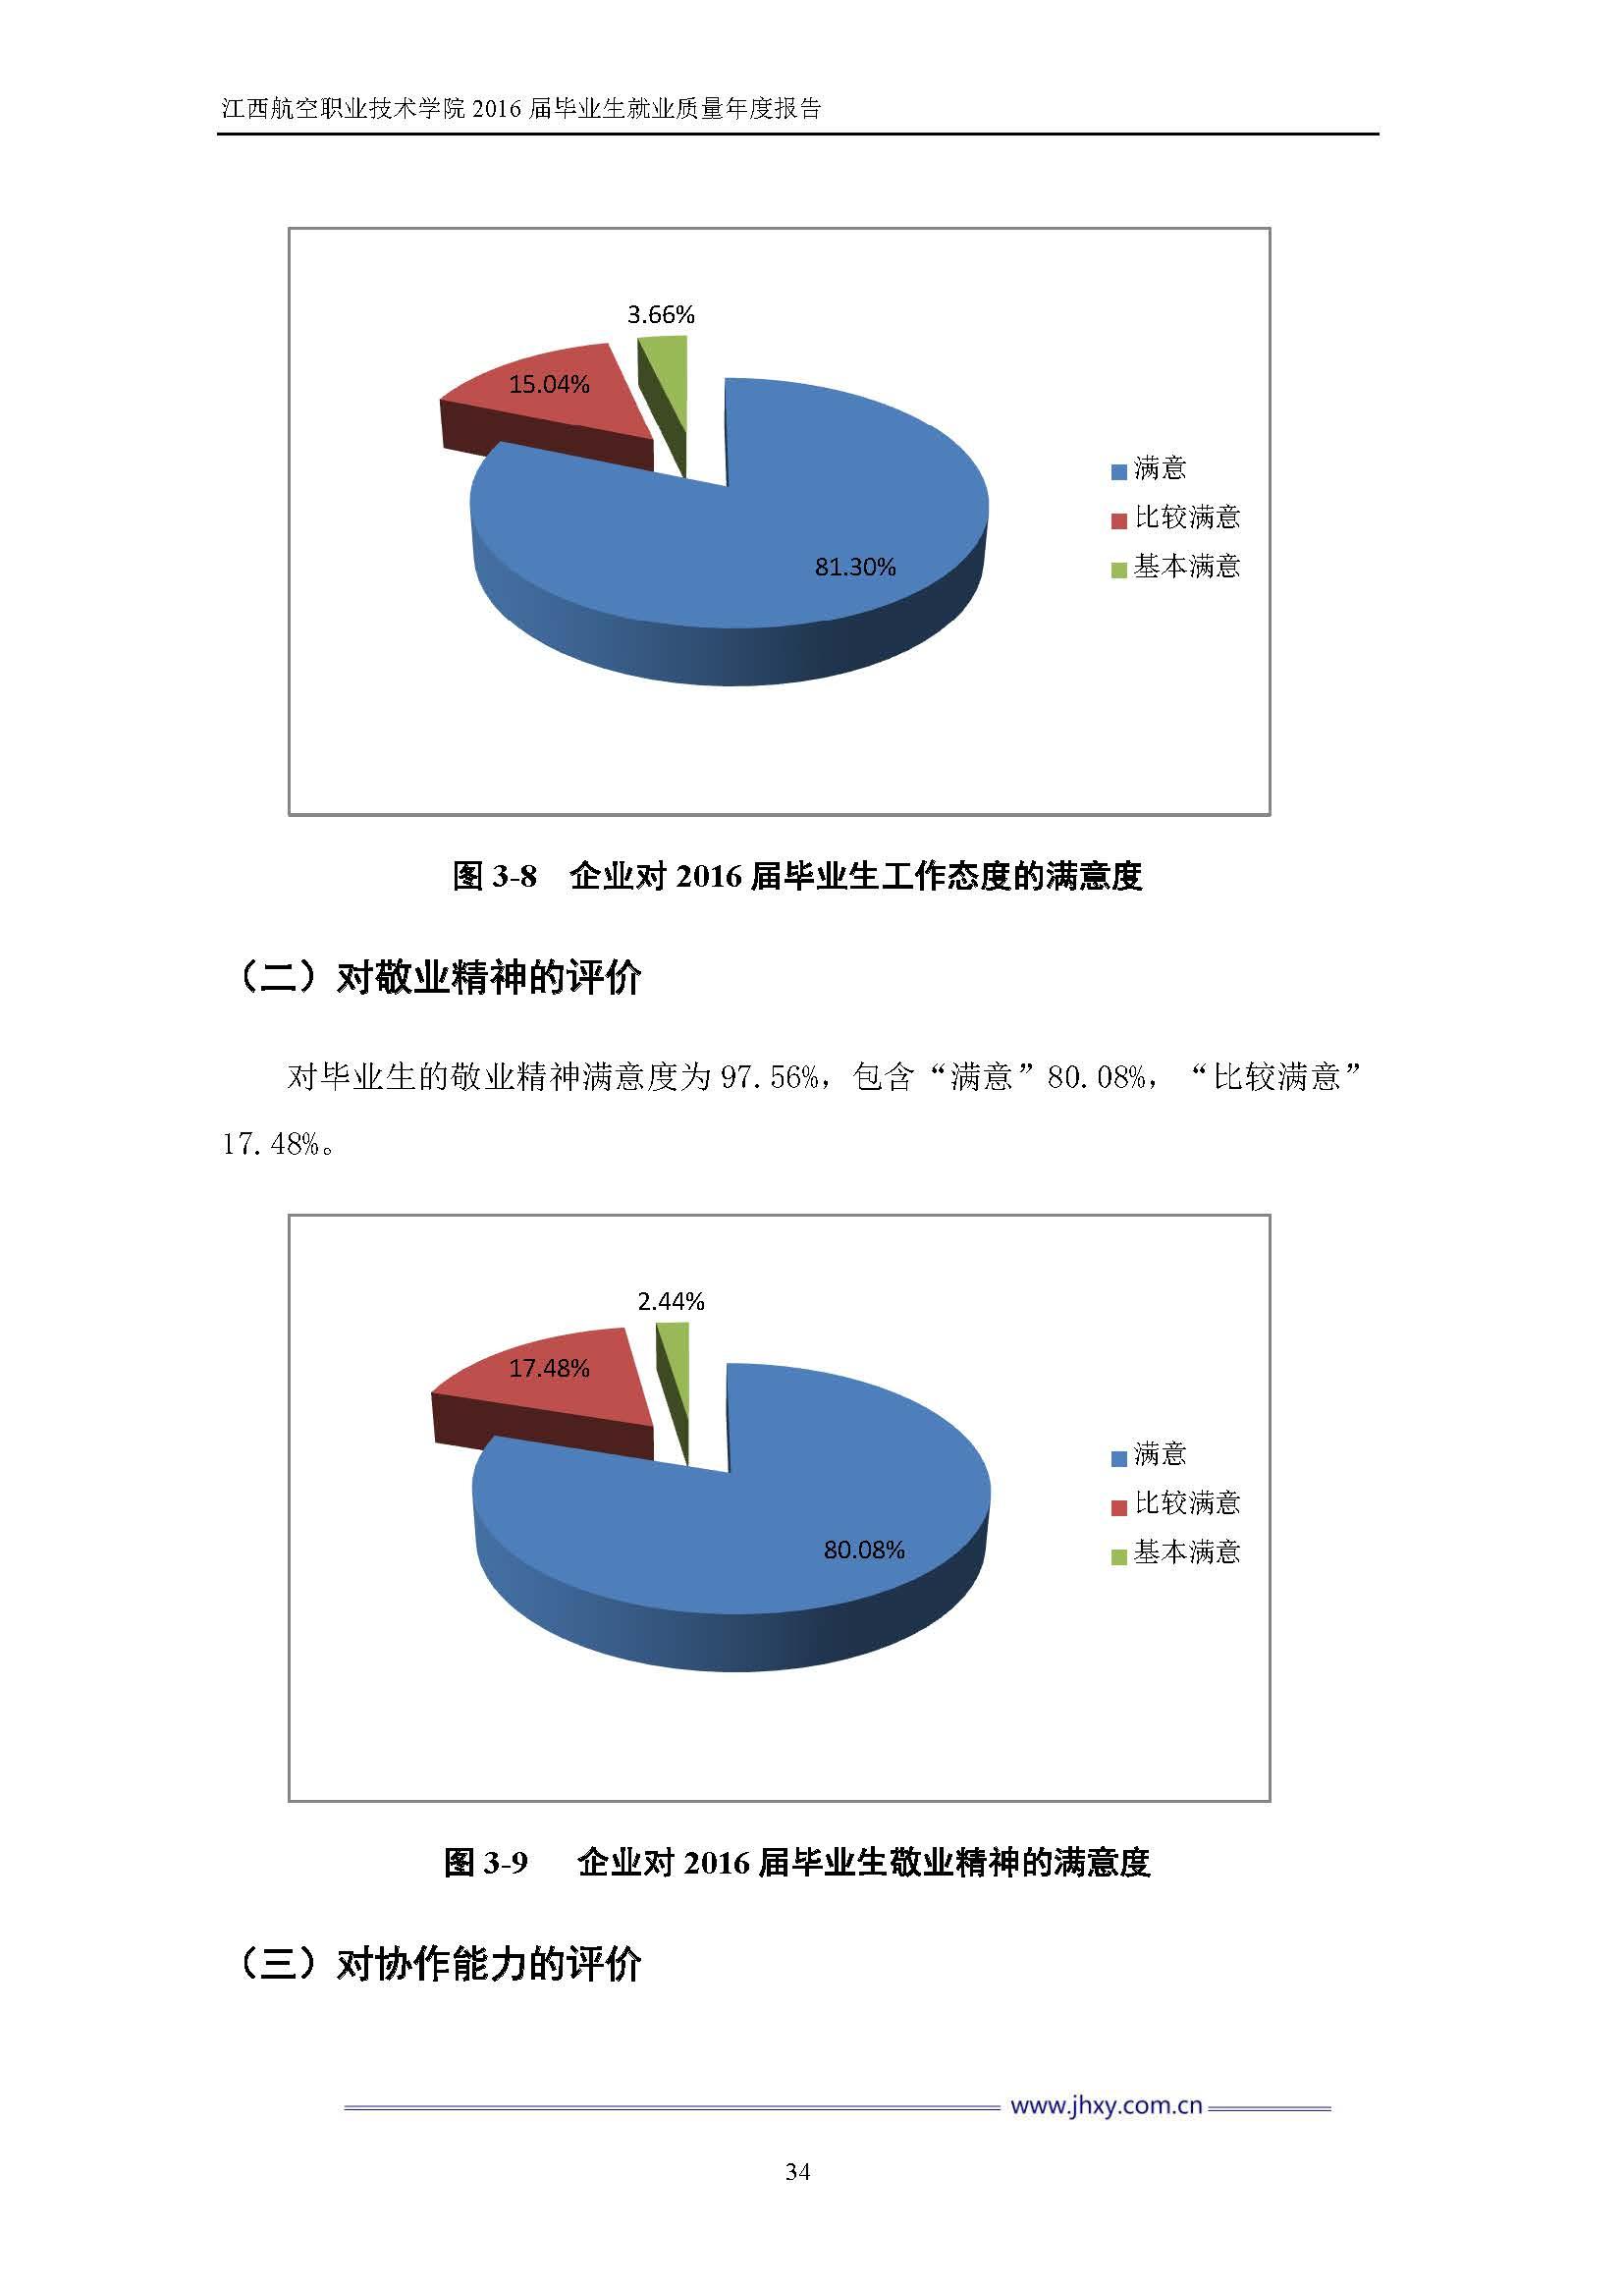 江西航空职业技术学院2016届毕业生就业质量年度报告_Page_41.jpg